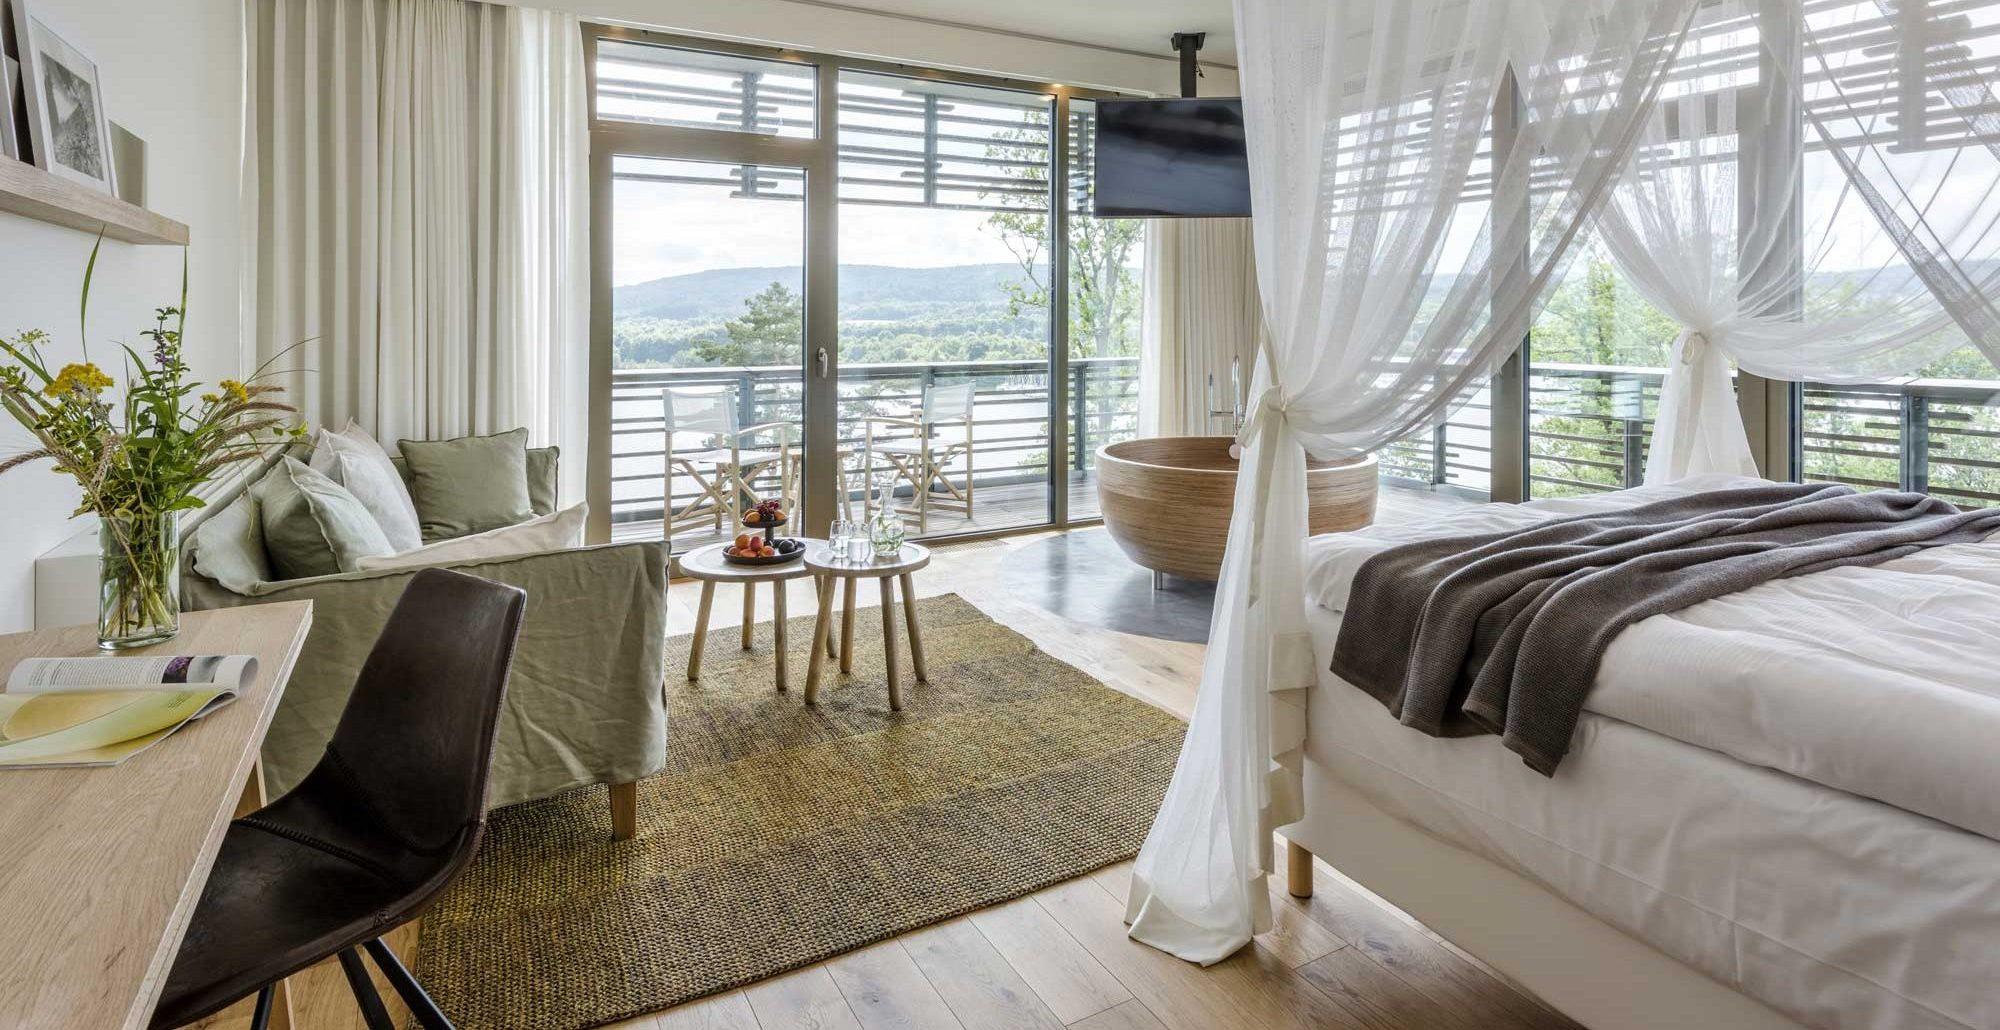 Traumblick Suite, Seezeitlodge Hotel & Spa ©Günter Standl